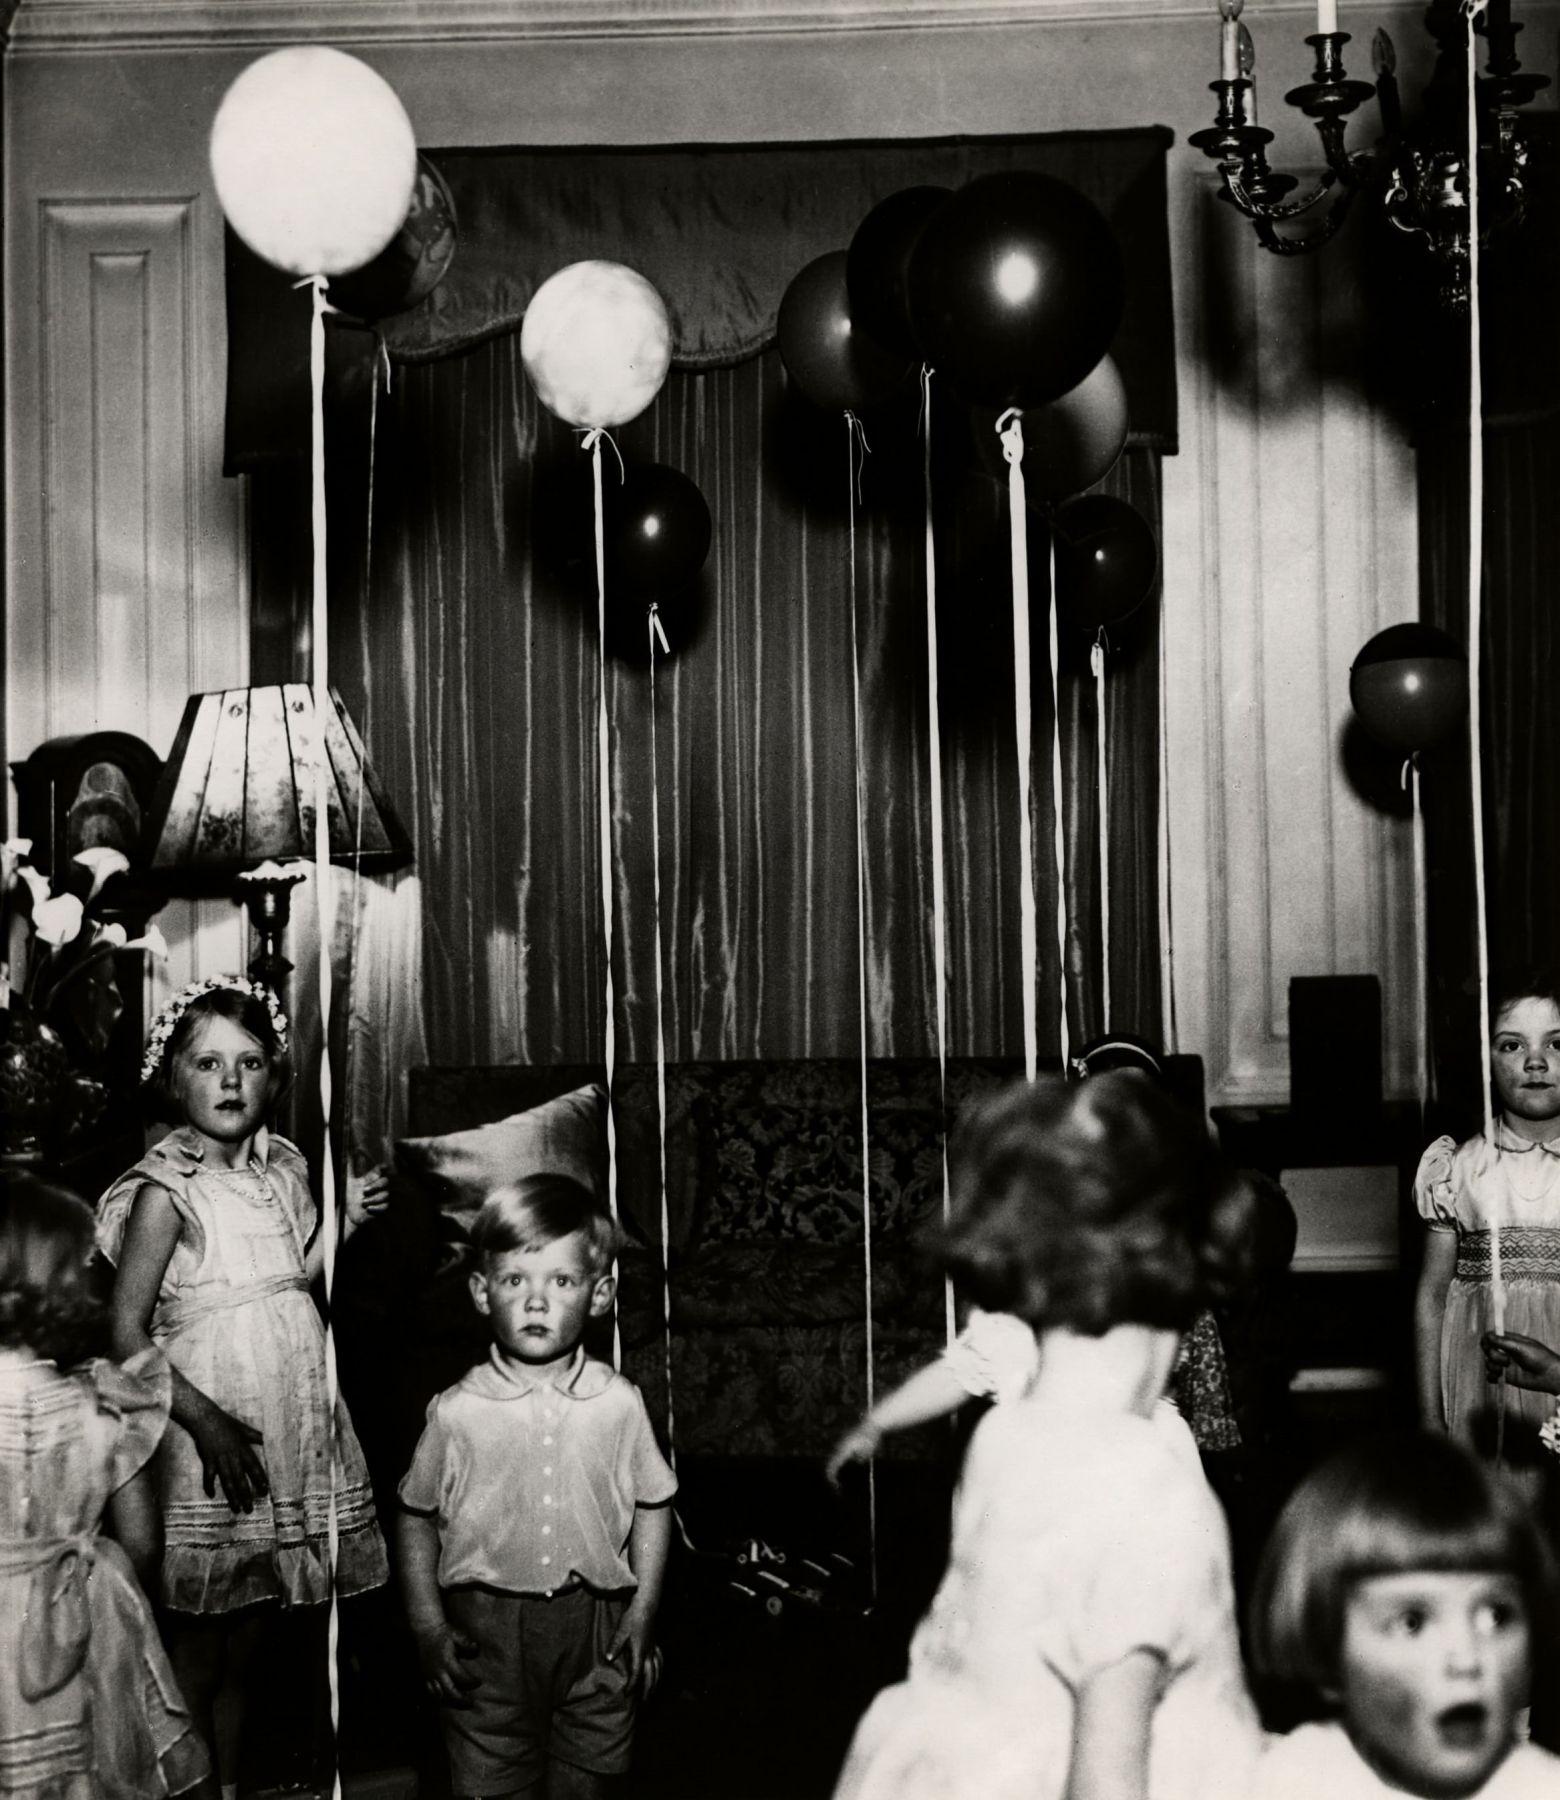 Bill Brandt Kensington Children's Party, c. 1934